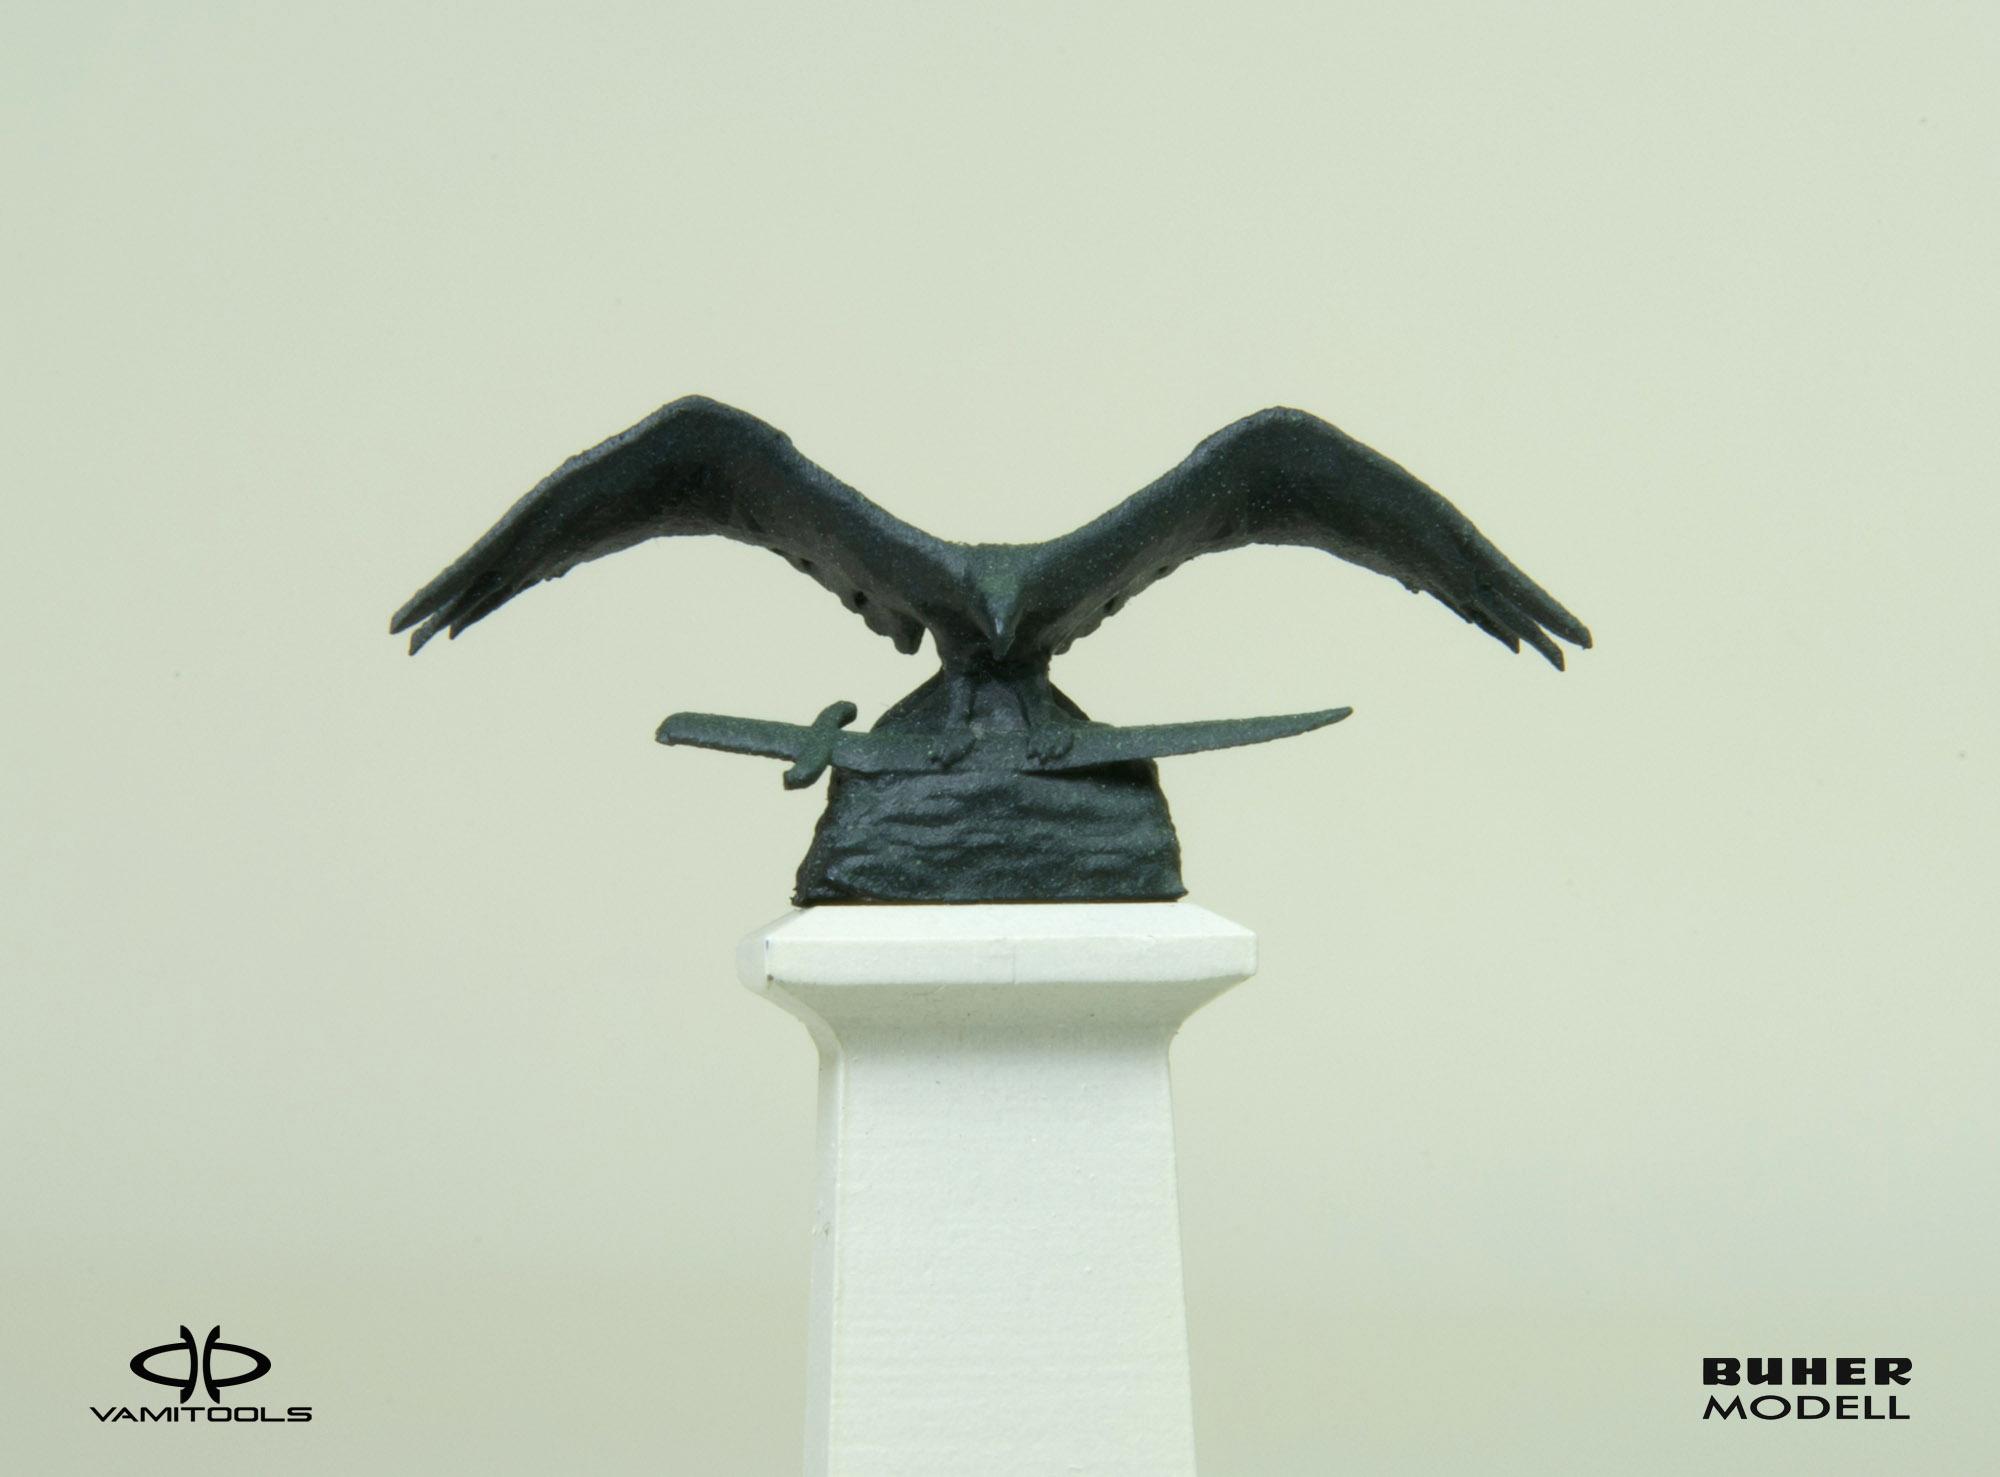 szobor, emlékmű, turul szobor, turul emlékmű, emlékmű, alkotás, mű, műemlék, bronz szobor, kőszobor, turul szobor, turul bronz szobor, turul emlékmű, terepasztal, dioráma, H0 szobor, H0 emlékmű, H0 turul szobor, H0 turul emlékmű, H0 emlékmű, H0 alkotás, H0 mű, H0 műemlék, H0 bronz szobor, H0 kőszobor, H0 turul szobor, H0 turul bronz szobor, H0 turul emlékmű, H0 terepasztal, H0 dioráma, 1:87 szobor, 1:87 emlékmű, 1:87 turul szobor, 1:87 turul emlékmű, 1:87 emlékmű, 1:87 alkotás, 1:87 mű, 1:87 műemlék, 1:87 bronz szobor, 1:87 kőszobor, 1:87 turul szobor, 1:87 turul bronz szobor, 1:87 turul emlékmű, 1:87 terepasztal, 1:87 dioráma, TT szobor, TT emlékmű, TT turul szobor, TT turul emlékmű, TT emlékmű, TT alkotás, TT mű, TT műemlék, TT bronz szobor, TT kőszobor, TT turul szobor, TT turul bronz szobor, TT turul emlékmű, TT terepasztal, TT dioráma, 1:120 szobor, 1:120 emlékmű, 1:120 turul szobor, 1:120 turul emlékmű, 1:120 emlékmű, 1:120 alkotás, 1:120 mű, 1:120 műemlék, 1:120 bronz szobor, 1:120 kőszobor, 1:120 turul szobor, 1:120 turul bronz szobor, 1:120 turul emlékmű, 1:120 terepasztal, 1:120 dioráma, N szobor, N emlékmű, N turul szobor, N turul emlékmű, N emlékmű, N alkotás, N mű, N műemlék, N bronz szobor, N kőszobor, N turul szobor, N turul bronz szobor, N turul emlékmű, N terepasztal, N dioráma, 1:160 szobor, 1:160 emlékmű, 1:160 turul szobor, 1:160 turul emlékmű, 1:160 emlékmű, 1:160 alkotás, 1:160 mű, 1:160 műemlék, 1:160 bronz szobor, 1:160 kőszobor, 1:160 turul szobor, 1:160 turul bronz szobor, 1:160 turul emlékmű, 1:160 terepasztal, 1:160 dioráma, modell szobor, modell emlékmű, modell turul szobor, modell turul emlékmű, modell emlékmű, modell alkotás, modell mű, modell műemlék, modell bronz szobor, modell kőszobor, modell turul szobor, modell turul bronz szobor, modell turul emlékmű, modell terepasztal, modell dioráma, makett szobor, makett emlékmű, makett turul szobor, makett turul emlékmű, makett emlékmű, makett alkotás, makett mű, makett műemlék, makett bron